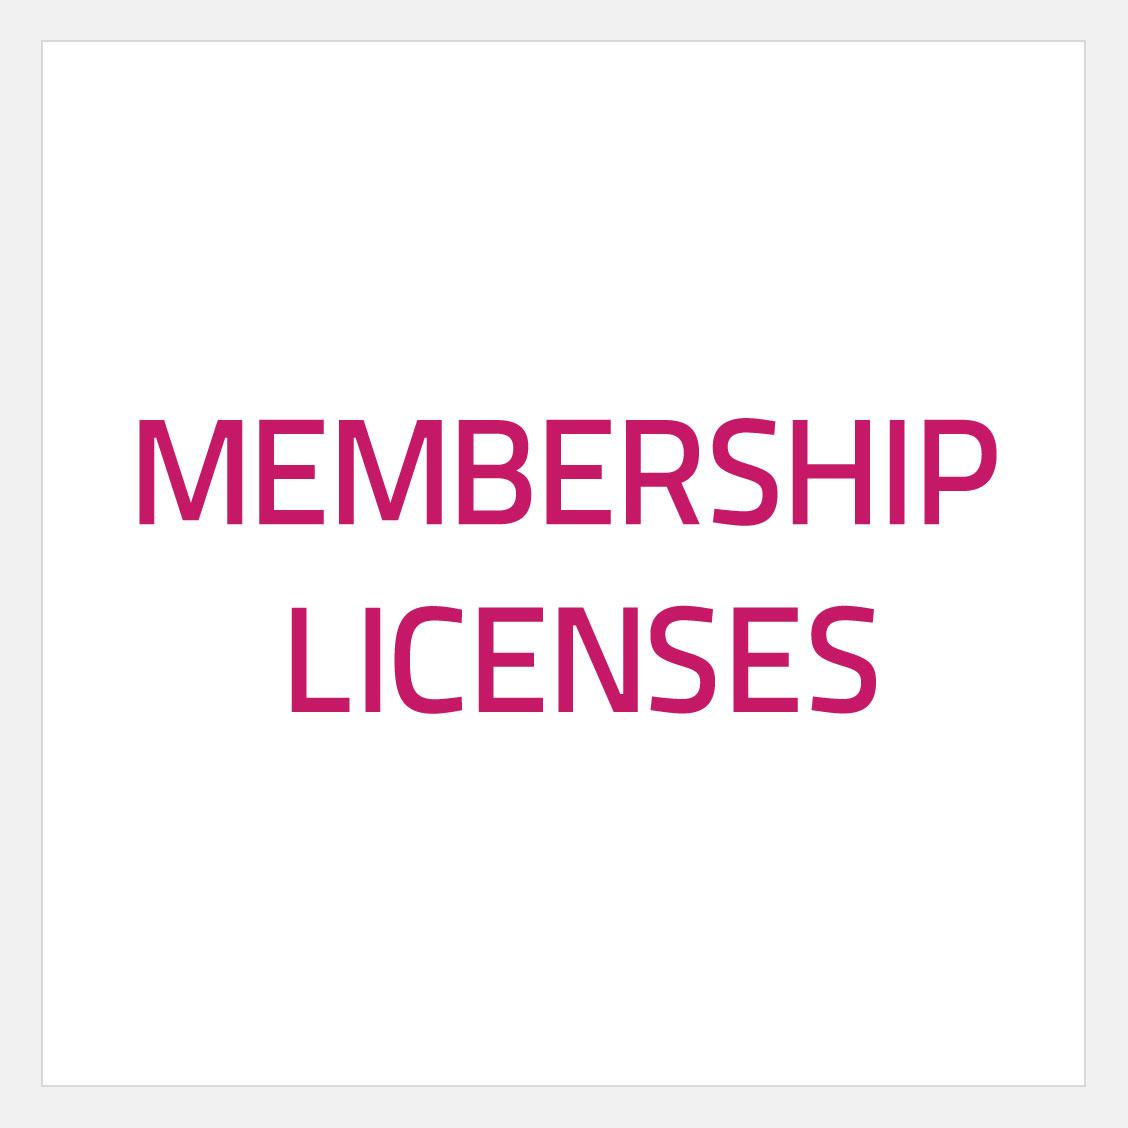 Membership licenses